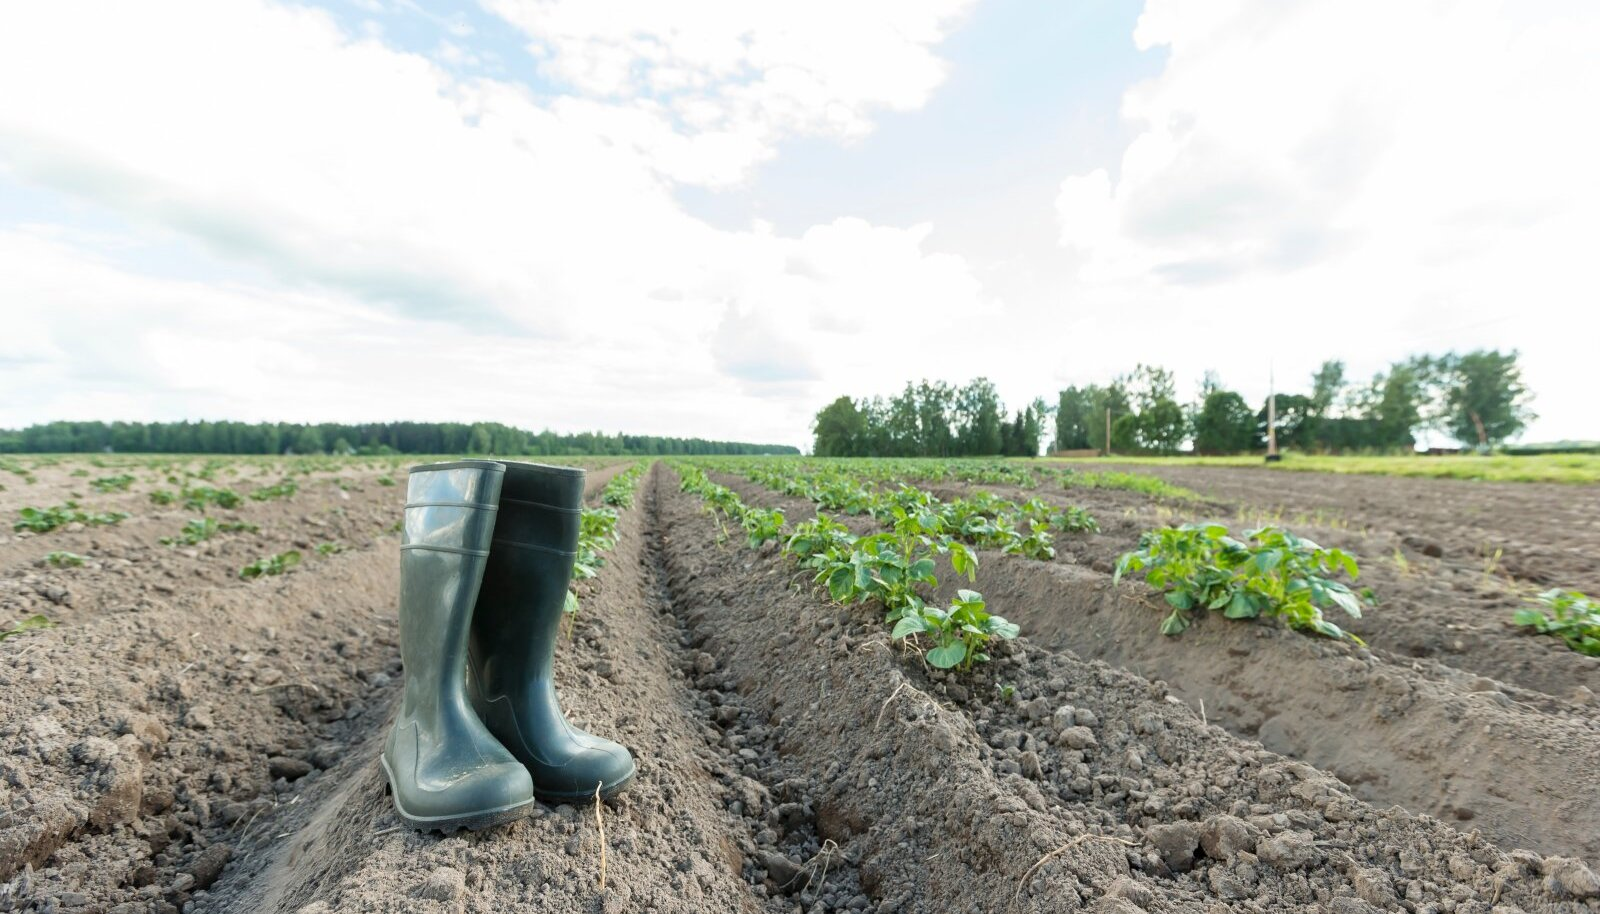 Põllumeeste arvates on Eesti põllumajandus muu maailmaga võrreldes keskkonnahoidlik. Keskkonnakaitsjad ütlevad, et kordame teiste riikide vigu.